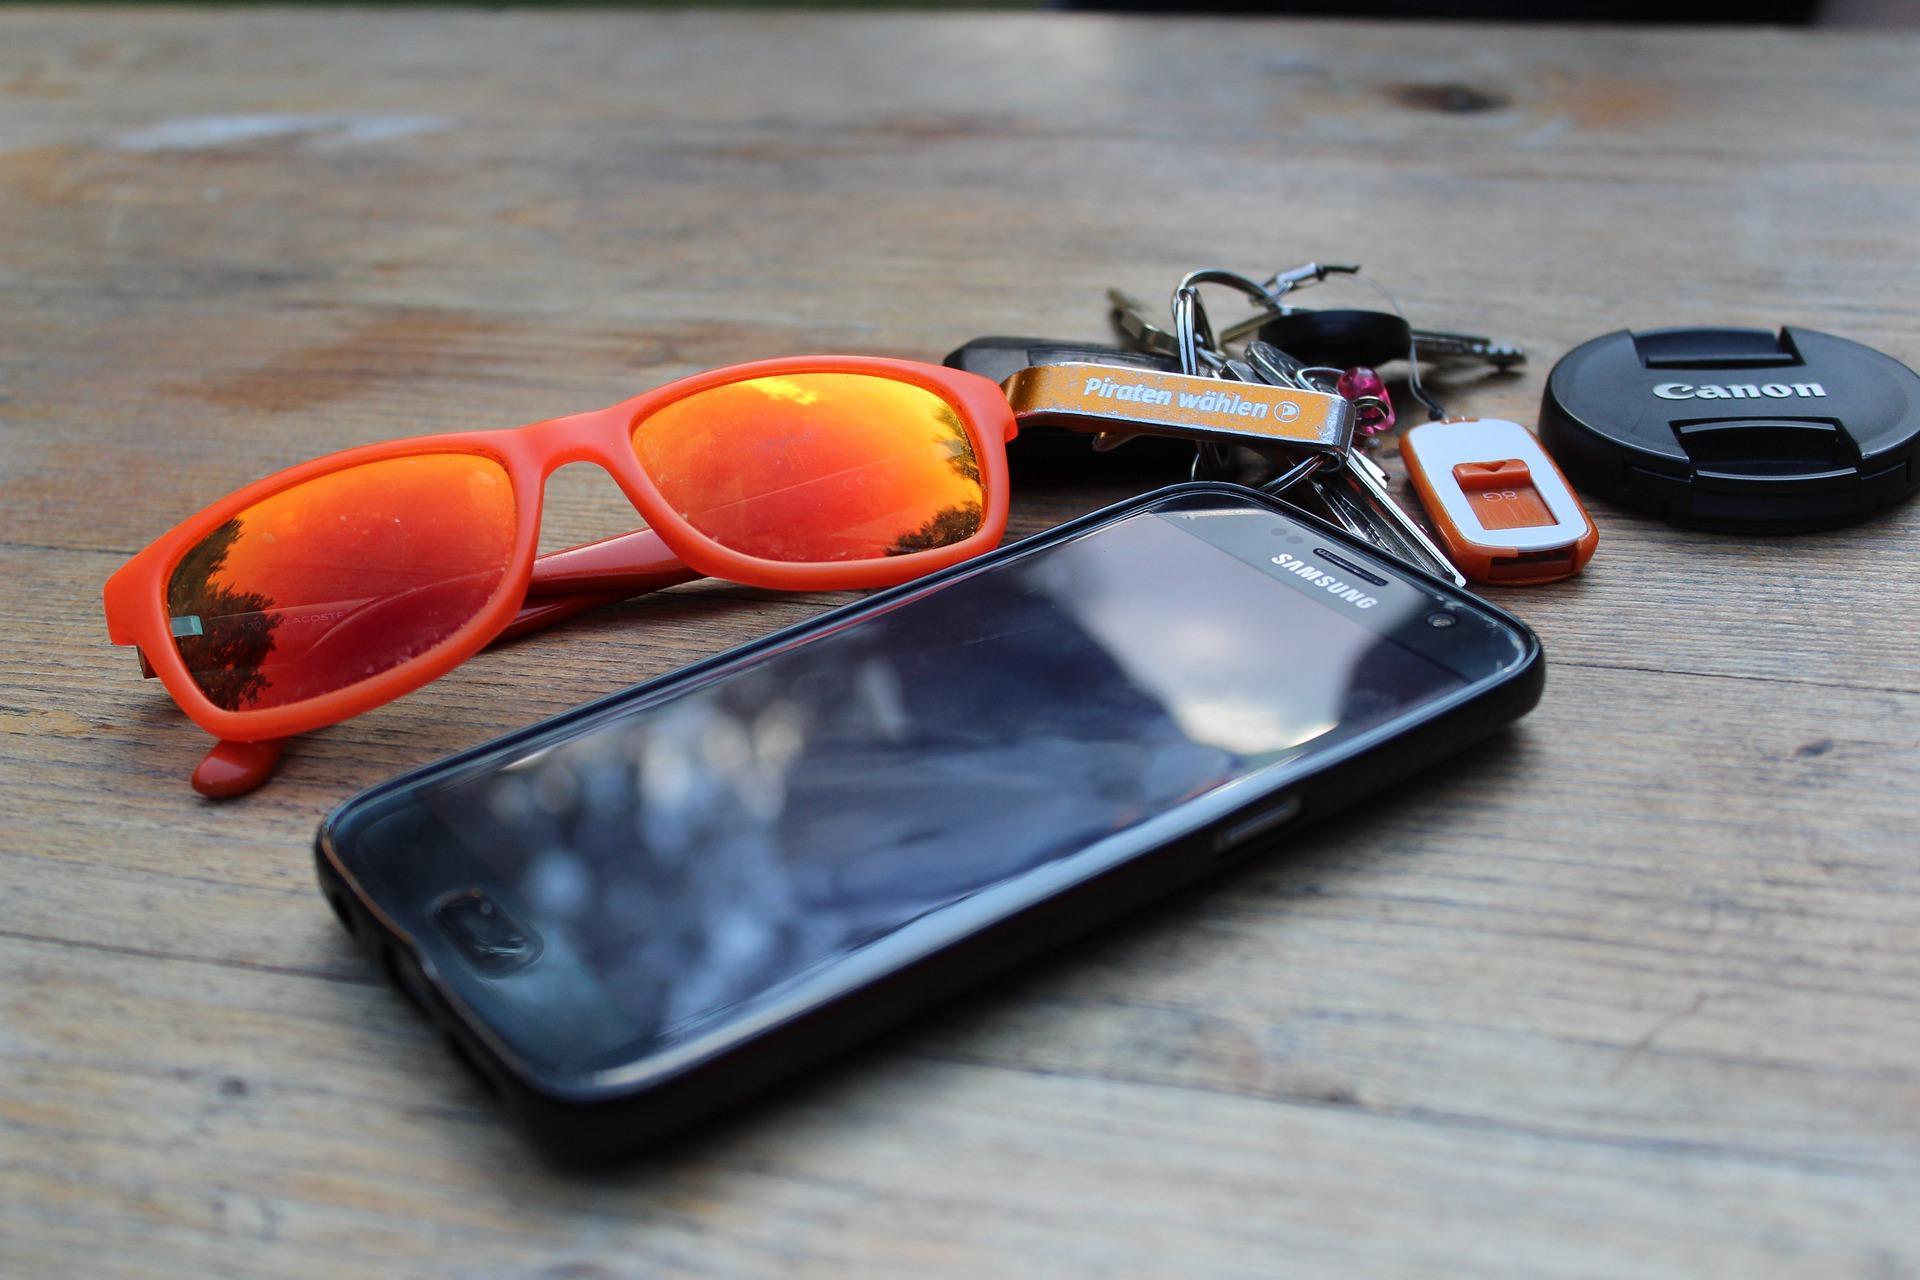 Выбираете смартфон до11 тысяч рублей? Есть 8 хороших вариантов